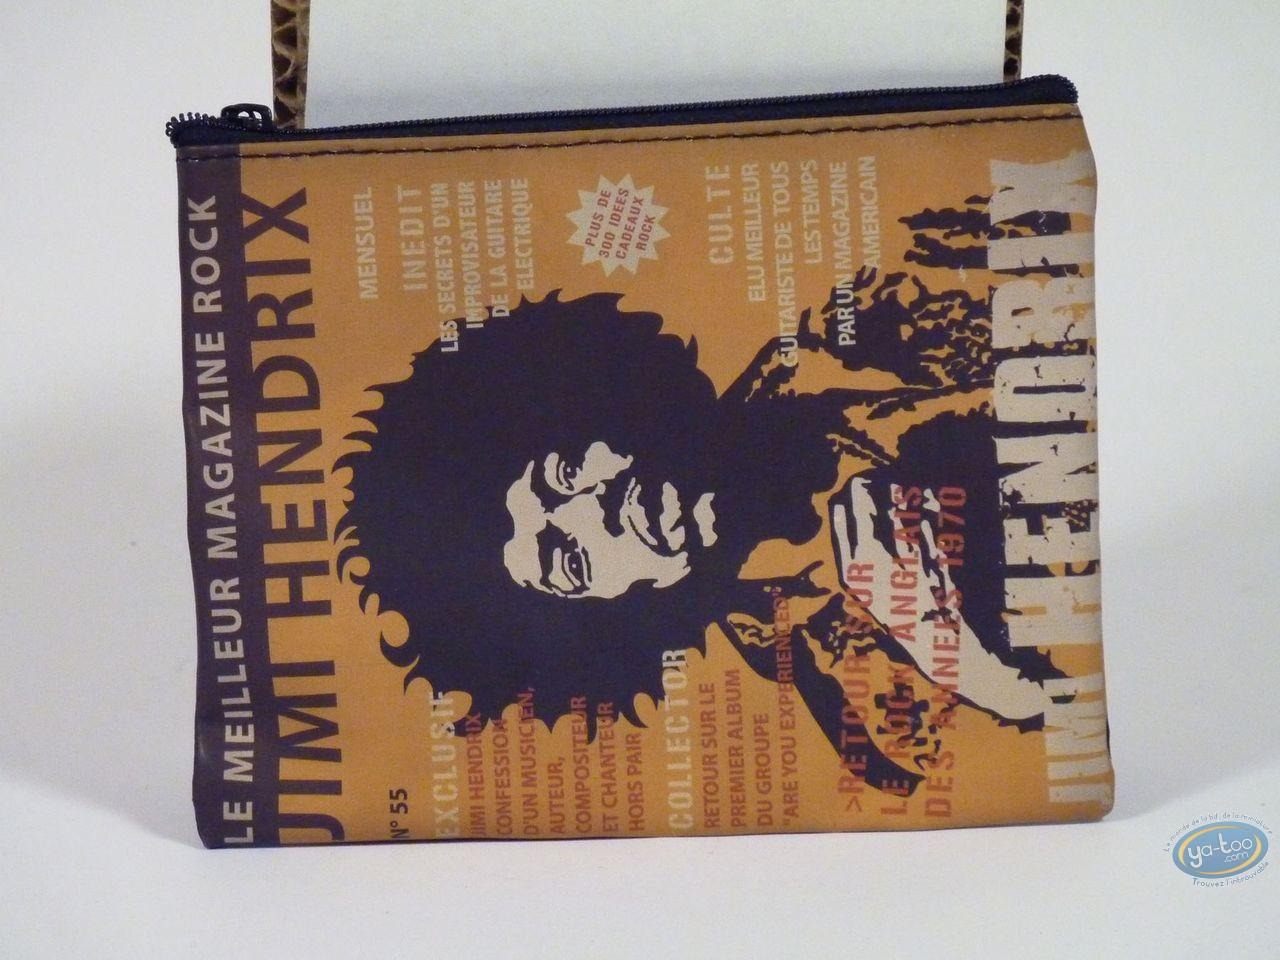 Bagagerie, Jimi Hendrix : Pochette magazine, Jimi Hendrix